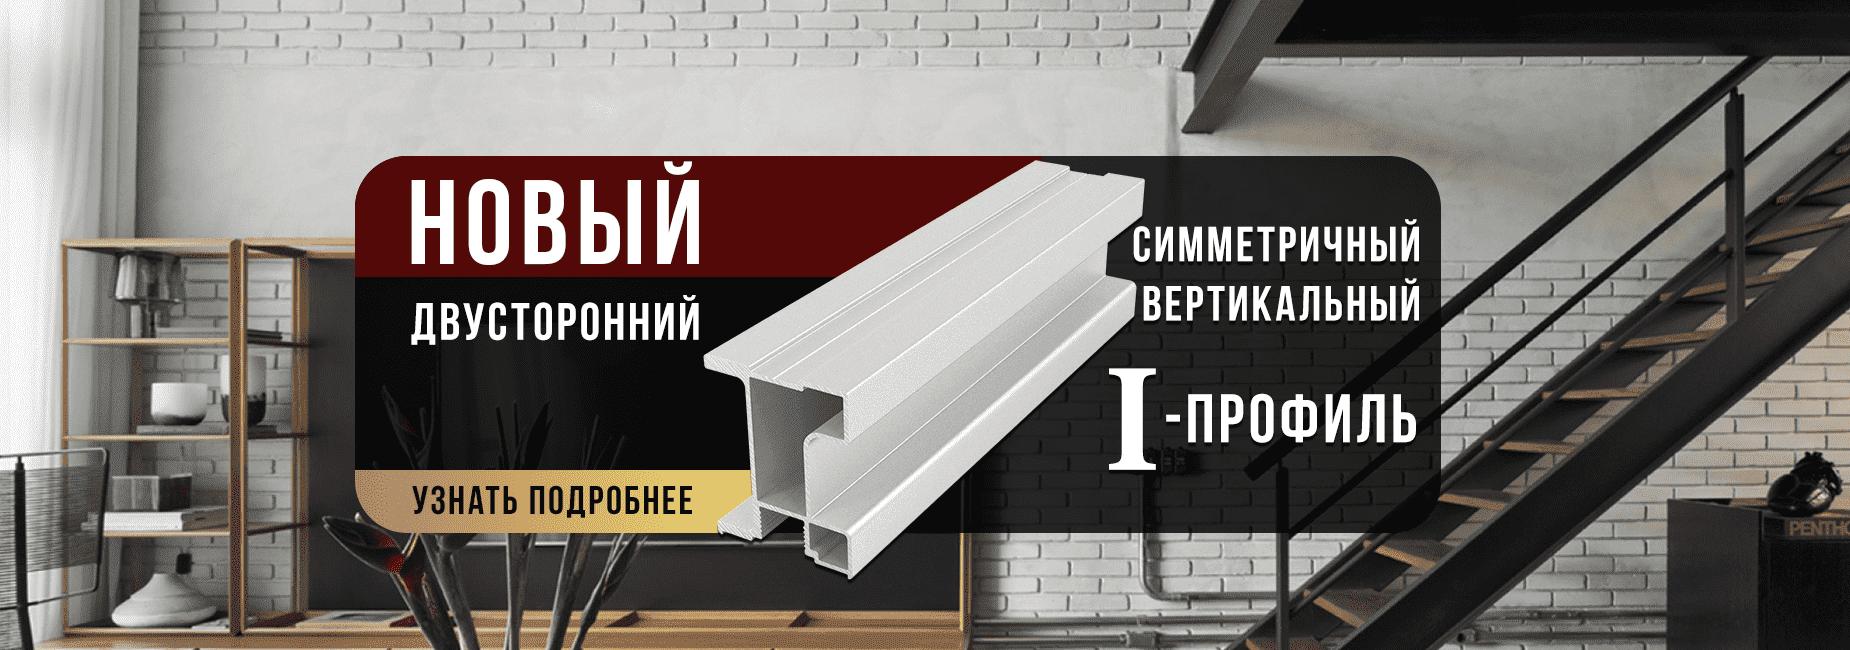 Двусторонний вертикальный I-профиль для шкафов-купе